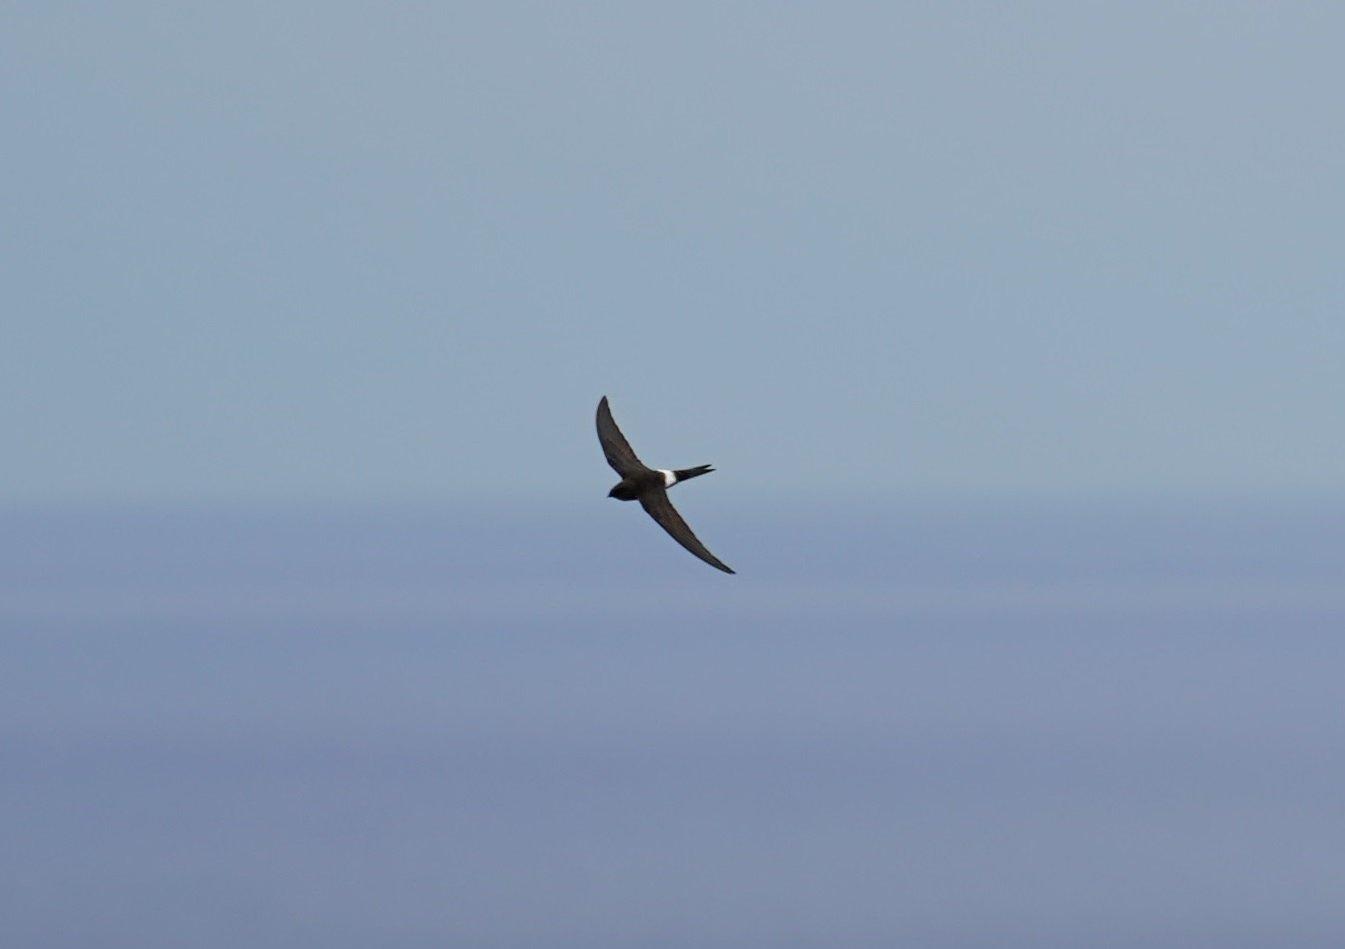 【自然情報】「ツバメ」の群れの中に腰の白い「アマツバメ」が交じっていたよ!じっくり撮りたかったけど、どっちも速すぎ~(≧ヘ≦) !特にアマツバメは鳥類の中でも最速の部類に入るんだって!w(*゚o゚*)w それにしても今年はツバメの群れが多かった気がするな…。<父島レンジャー> #小笠原 #父島 https://t.co/Dv14PpMvD7